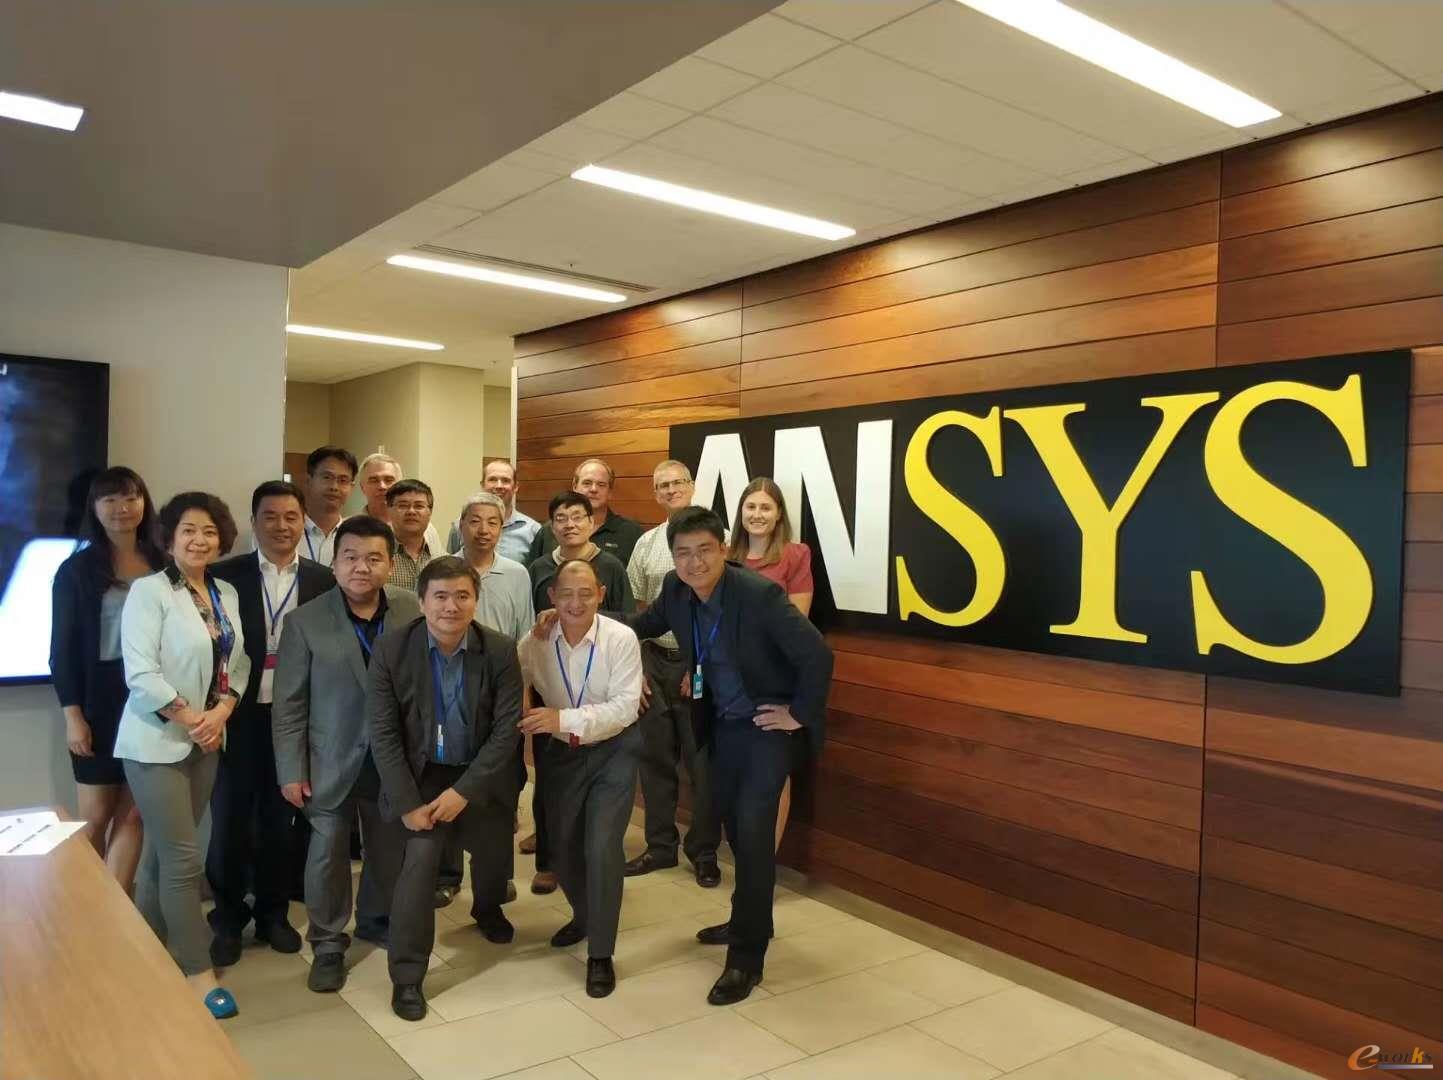 考察团在ANSYS公司合影